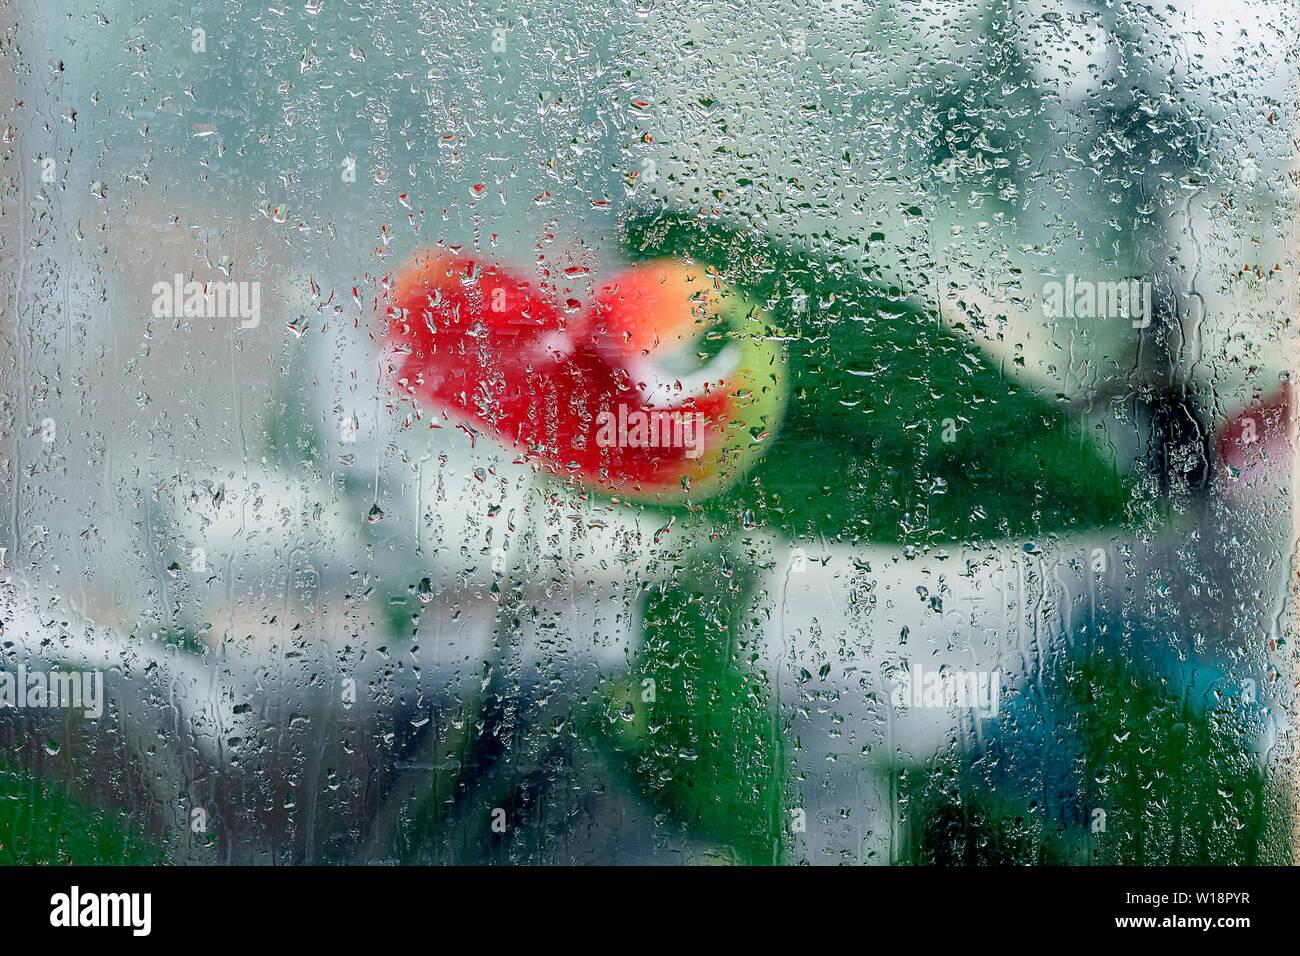 Impressionismo naturale, arte colori della natura. Sfocato fiori rossi, wet vetro, gocce di pioggia. Sfondo astratto Immagini Stock